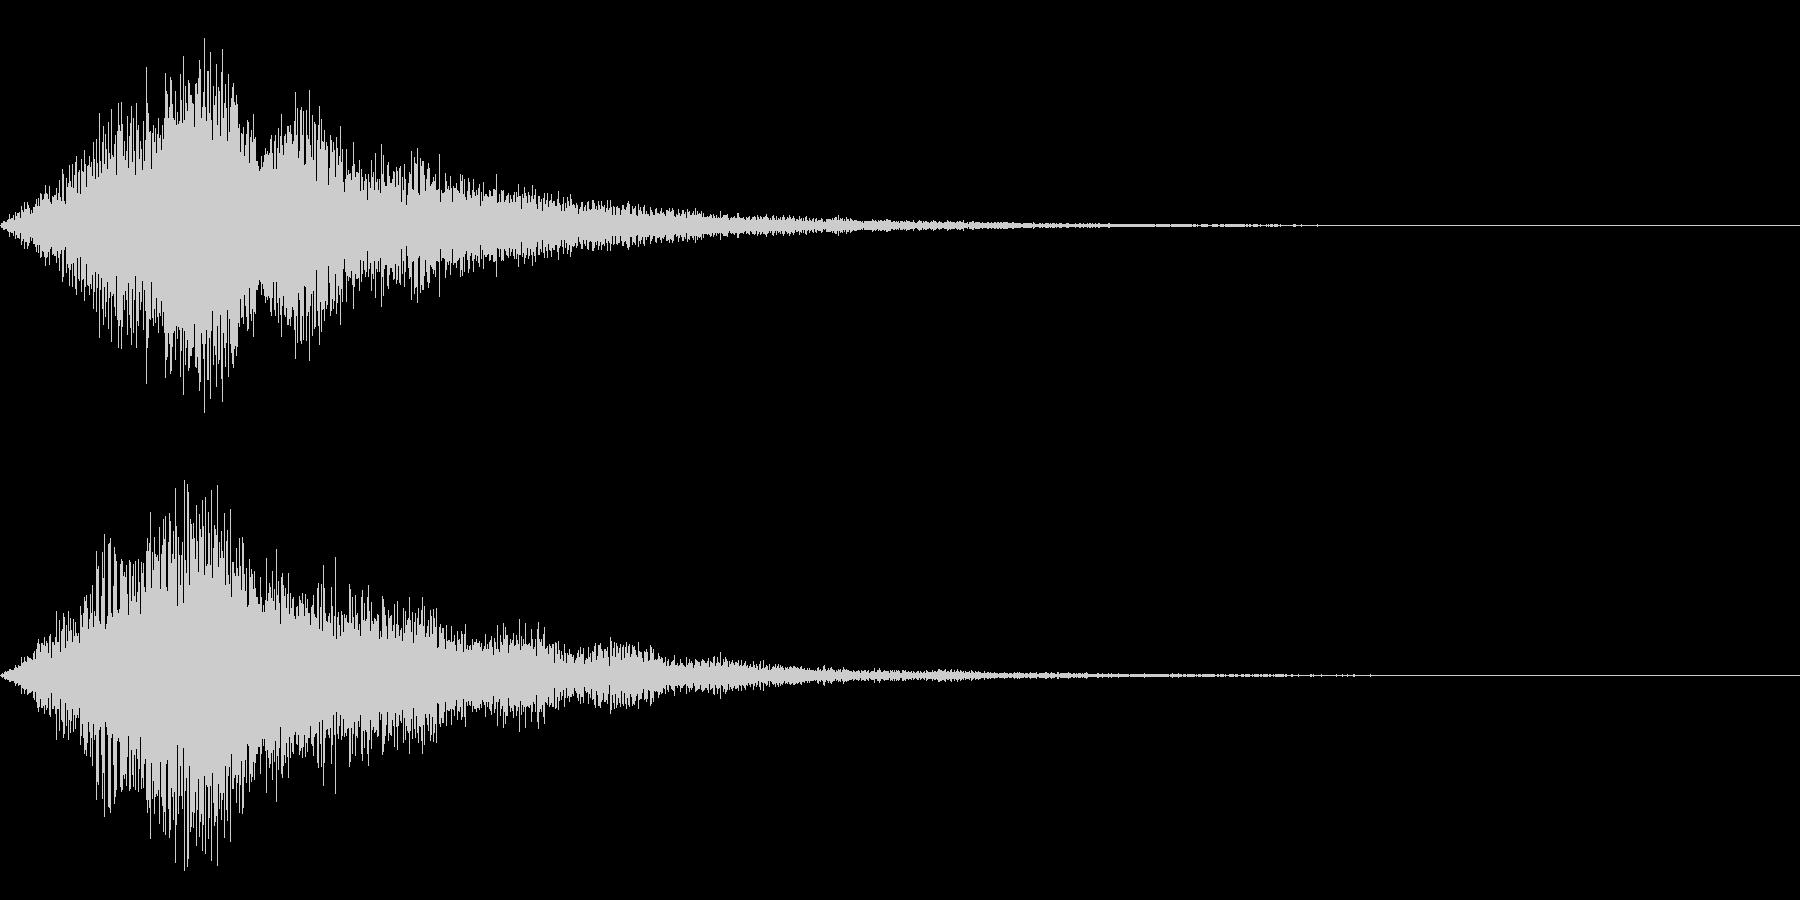 ズォォーン(SF的)の未再生の波形